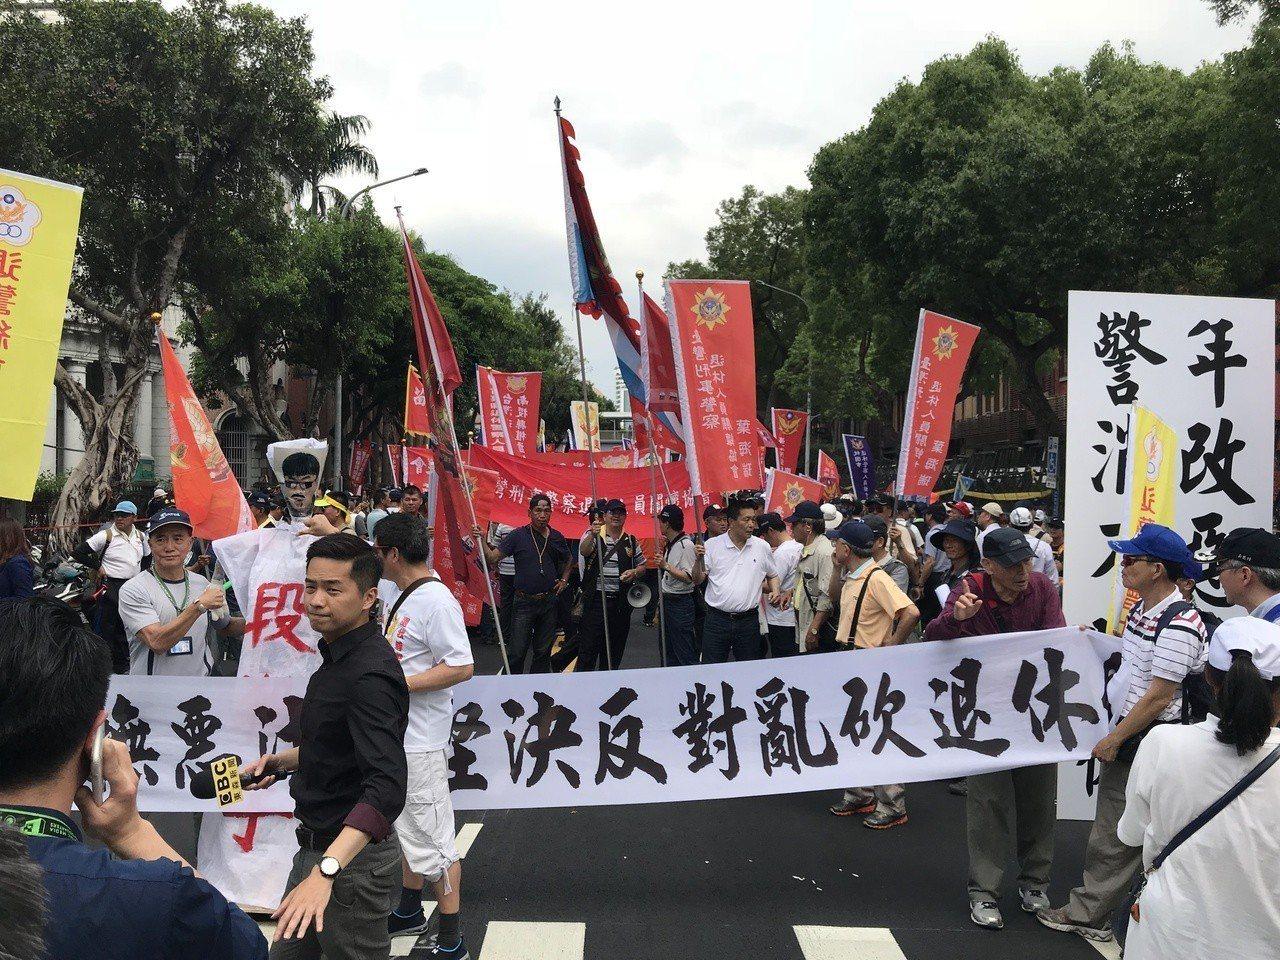 公教警消團體,聚集在立法院周邊抗議政府力推年金改革。記者林麒瑋/攝影